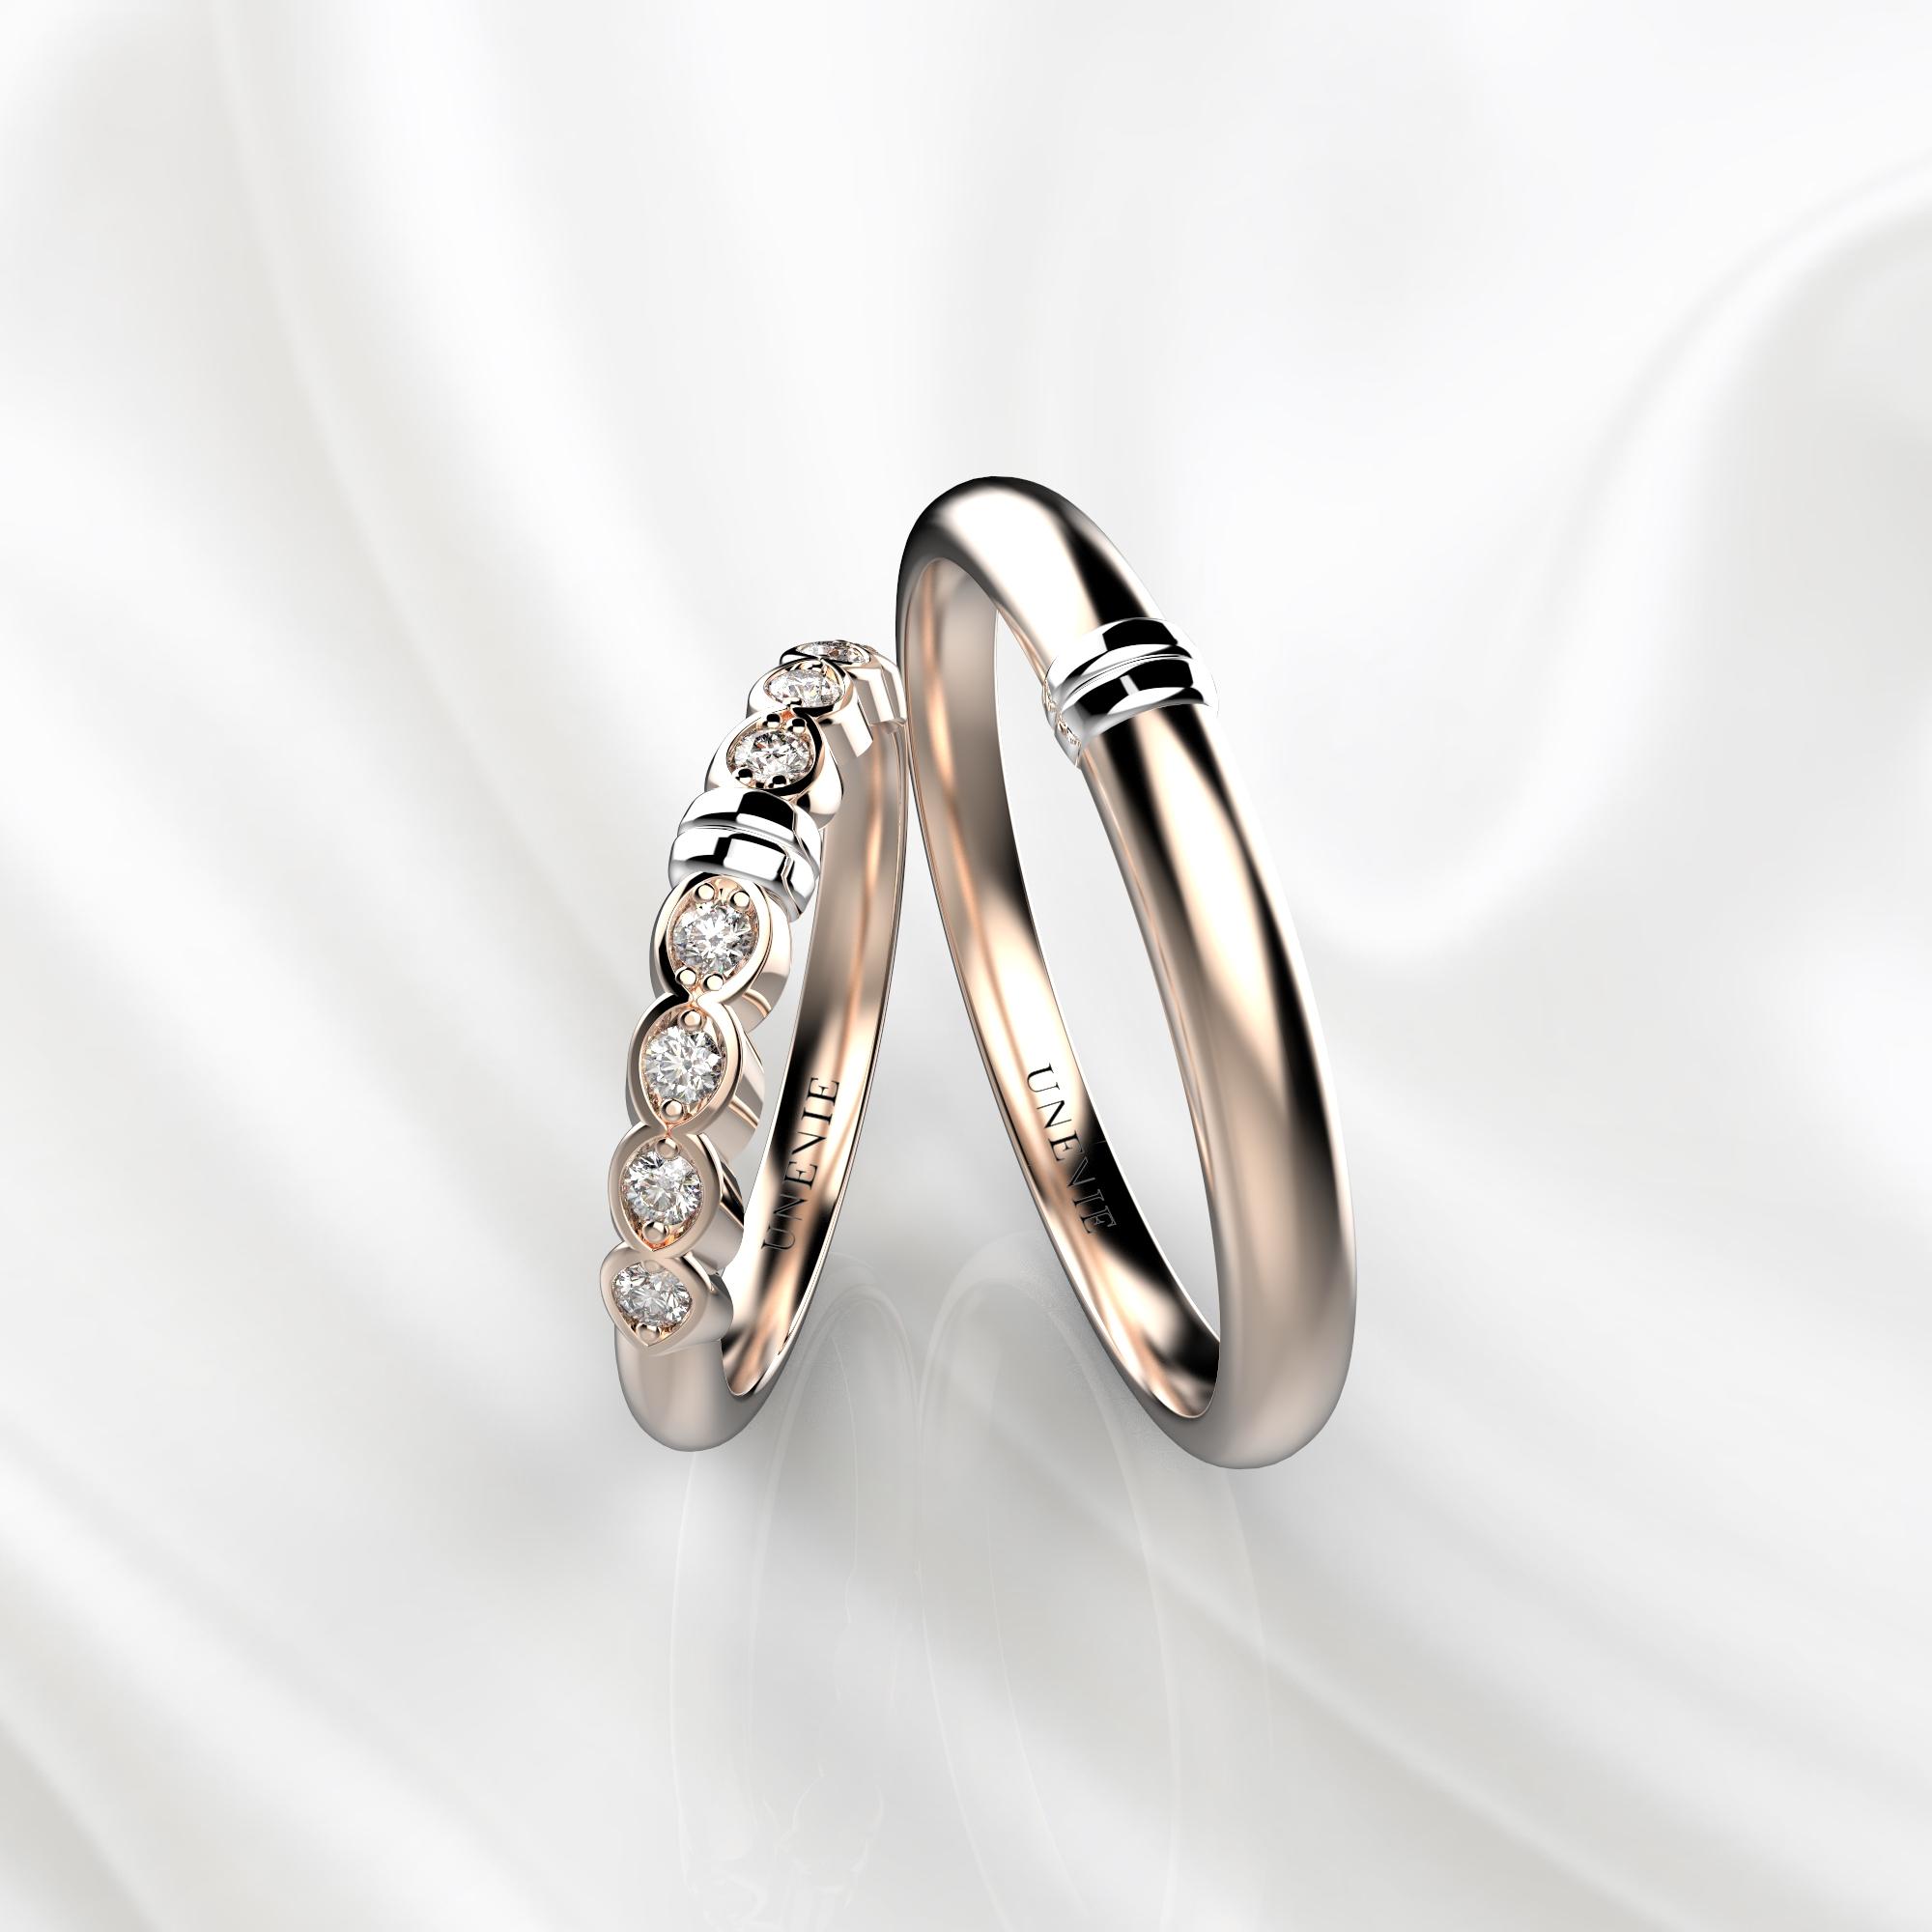 NV36 Обручальные кольца из розово-белого золота с бриллиантами